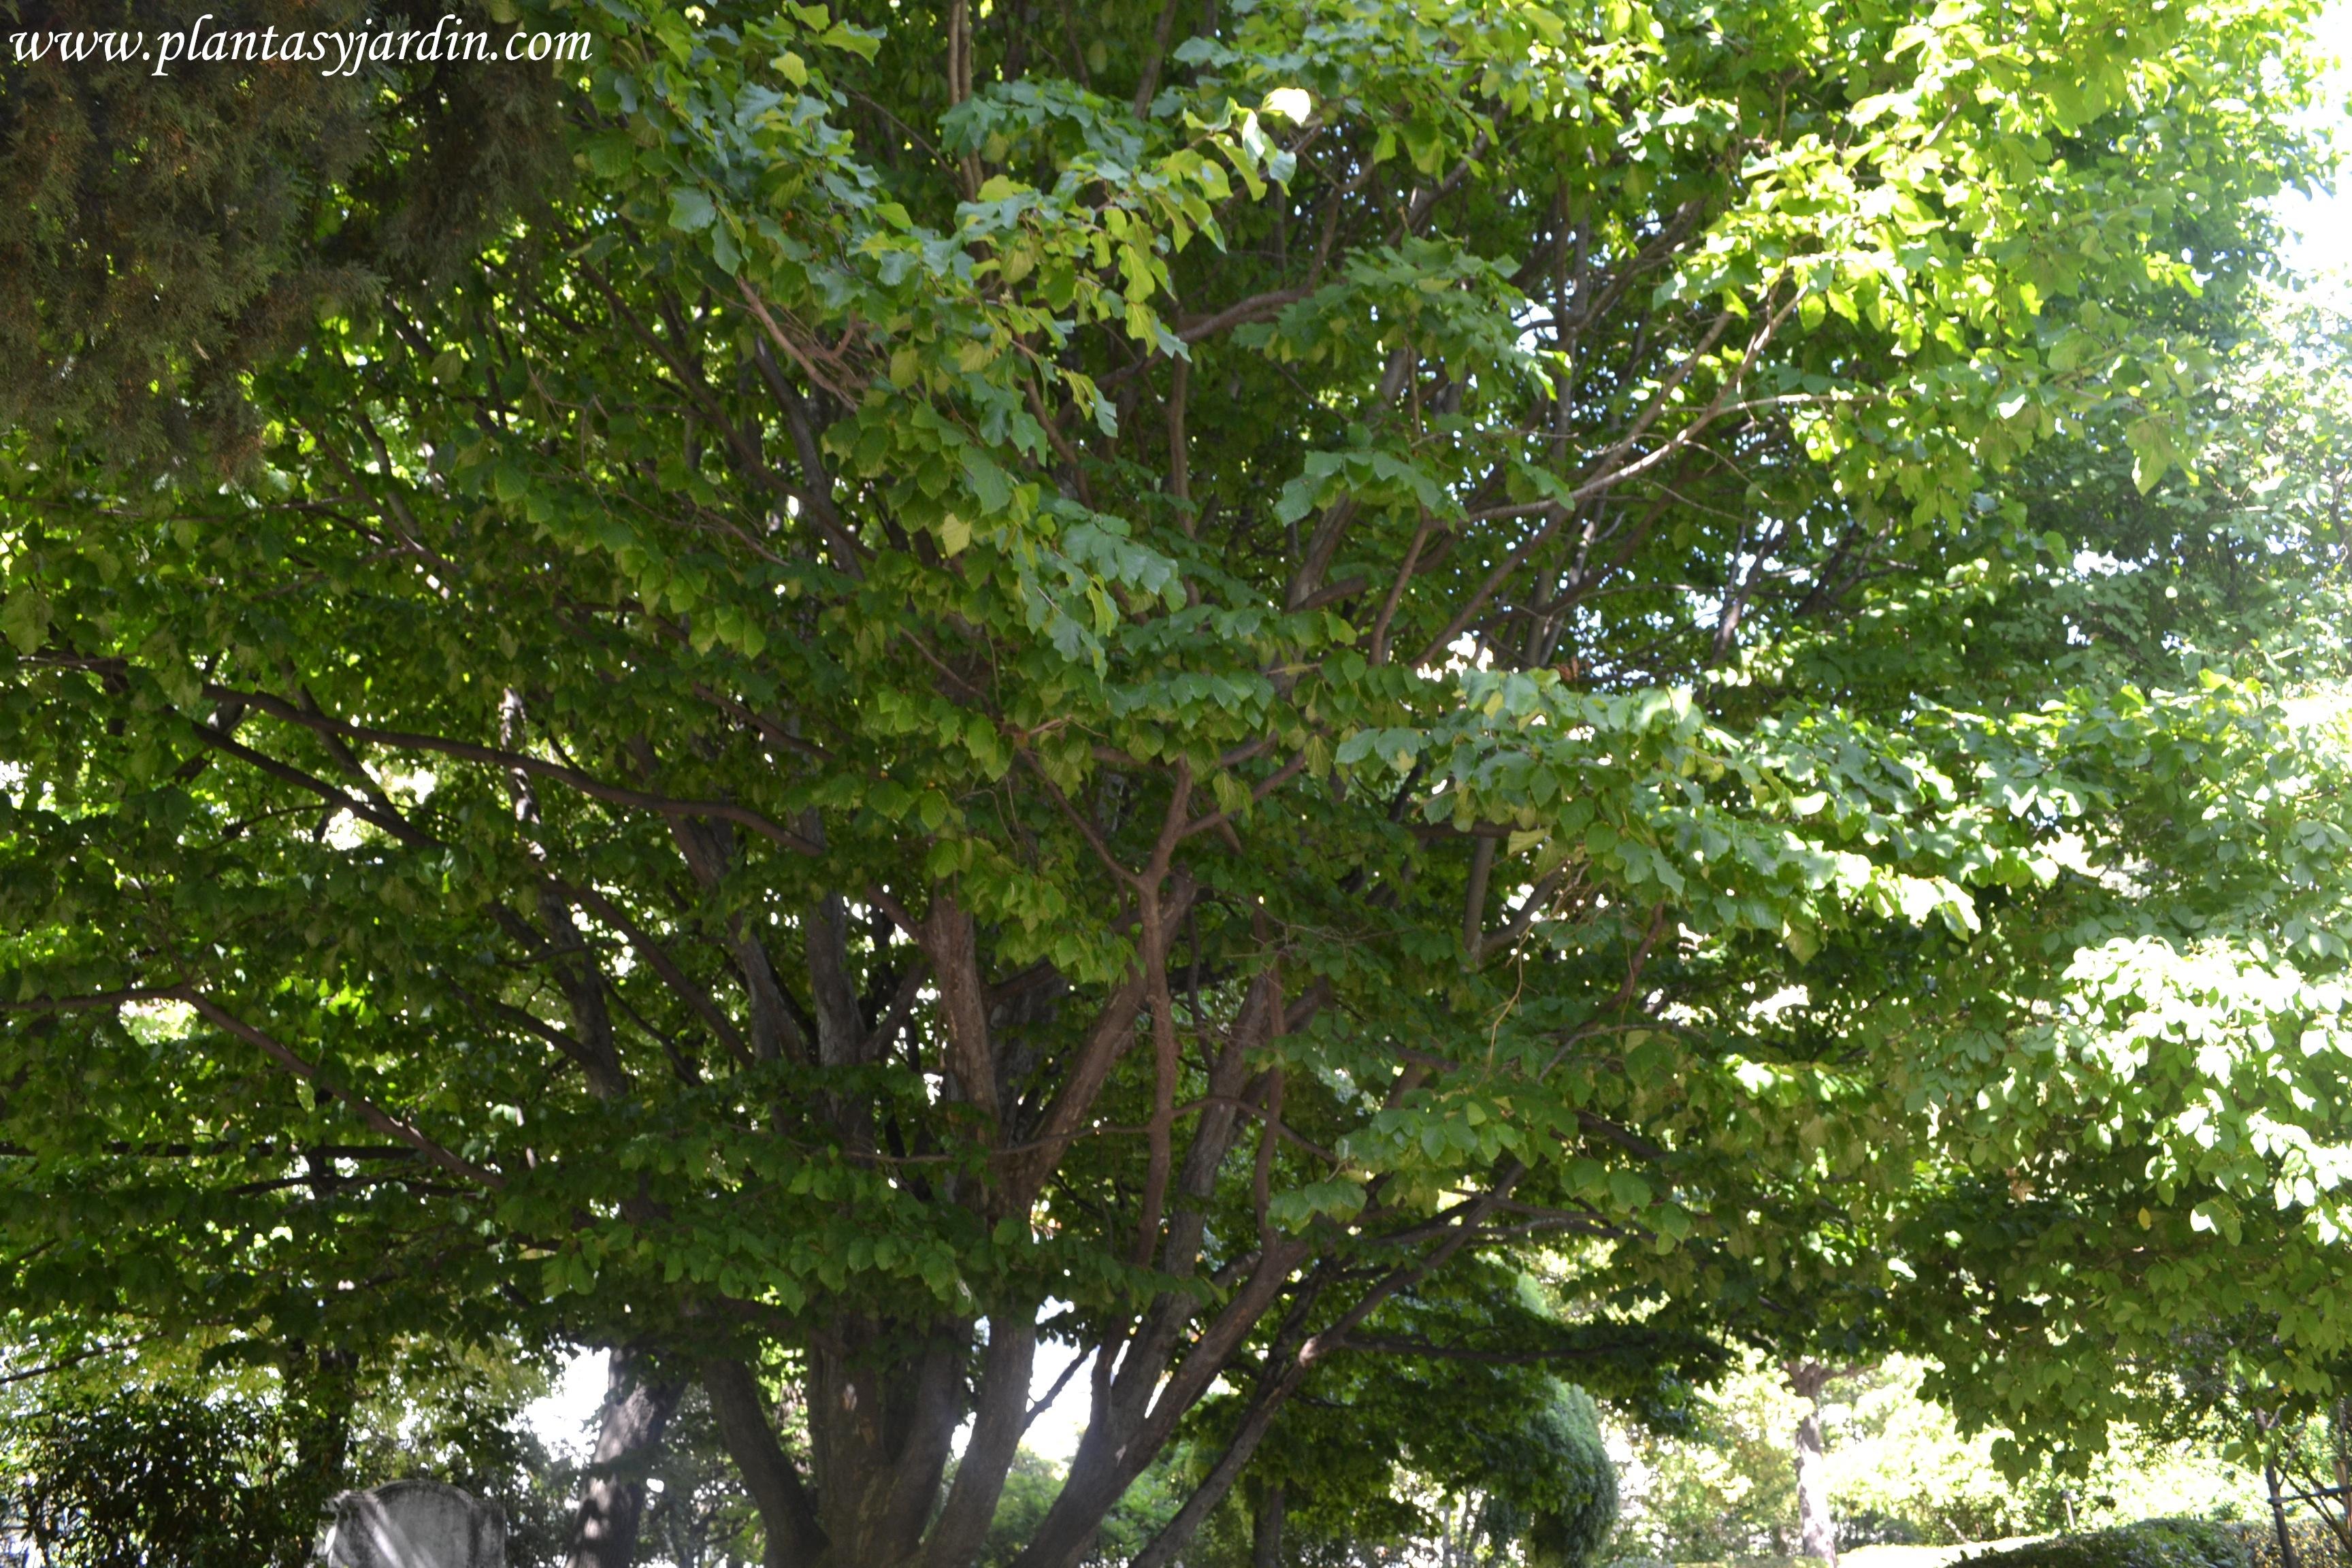 Parrotia persica-Árbol de hierro, detalle de la extensión de la copa.